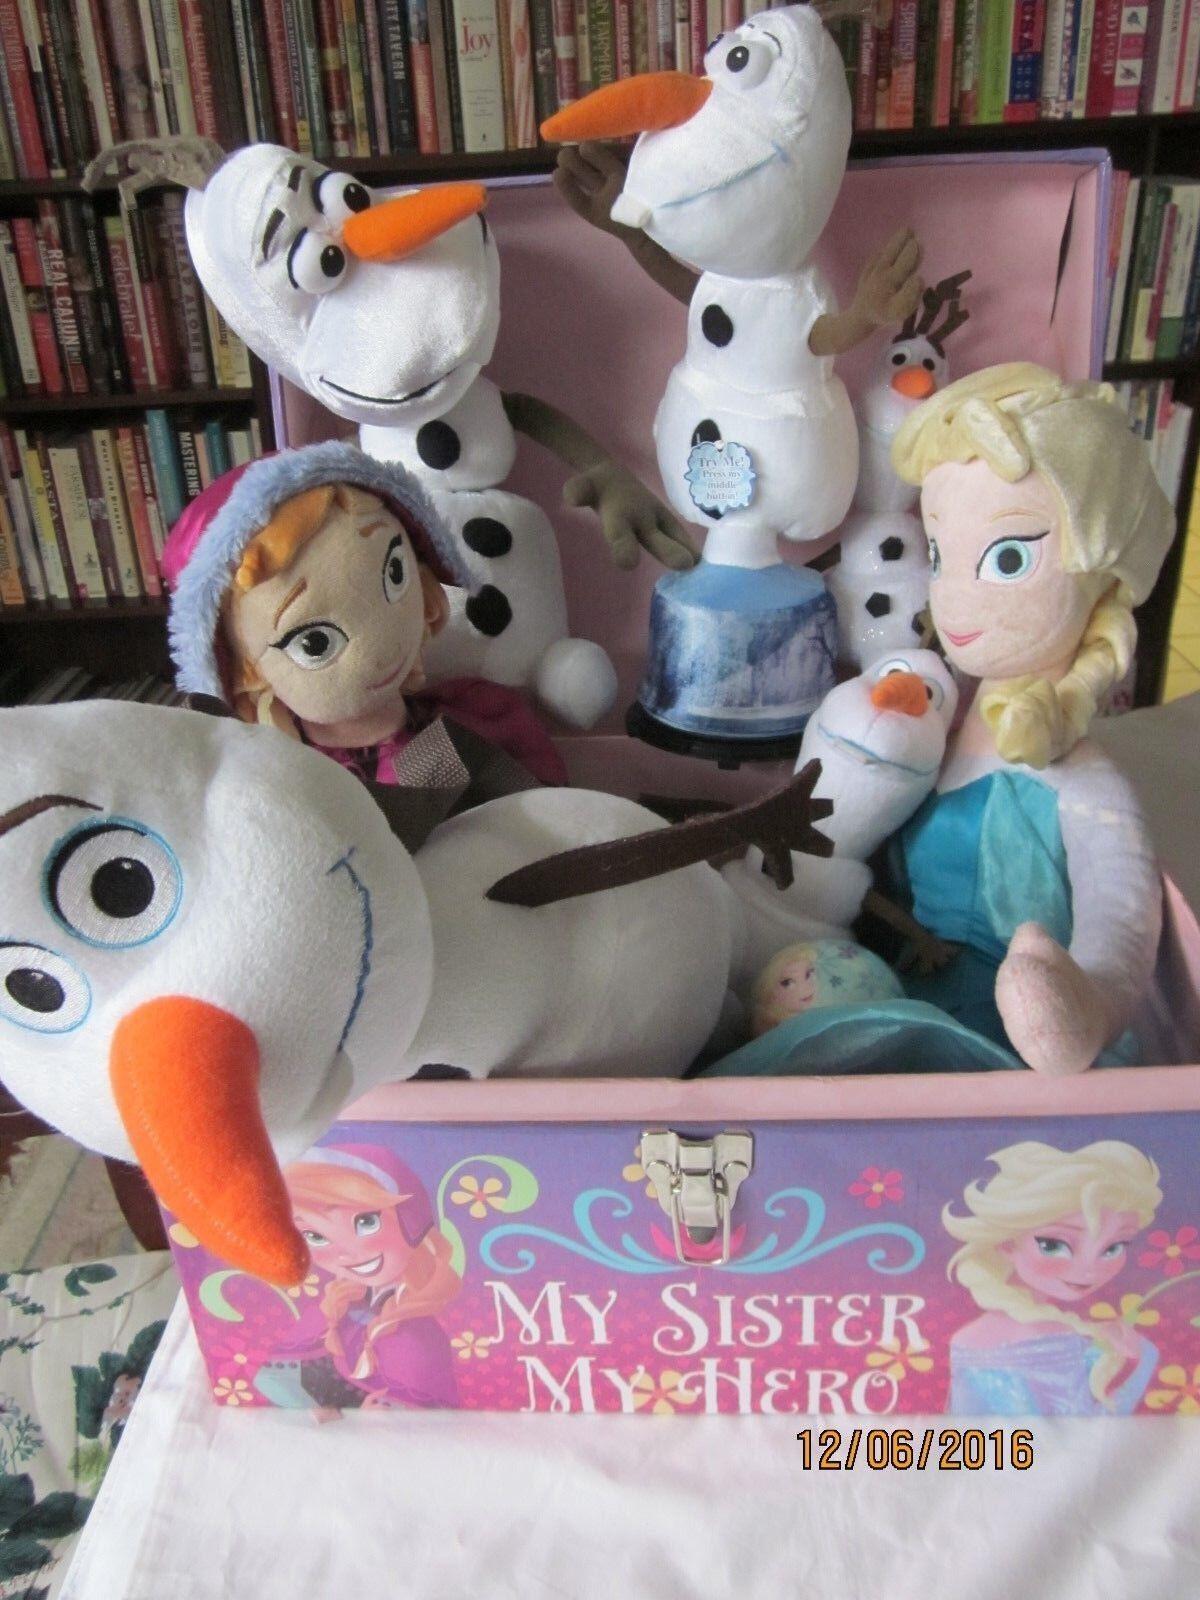 Lote de Frozen  Queen Elsa, muñeca de juguete de 24 pulgadas Grande Almohada & 5 Olafs